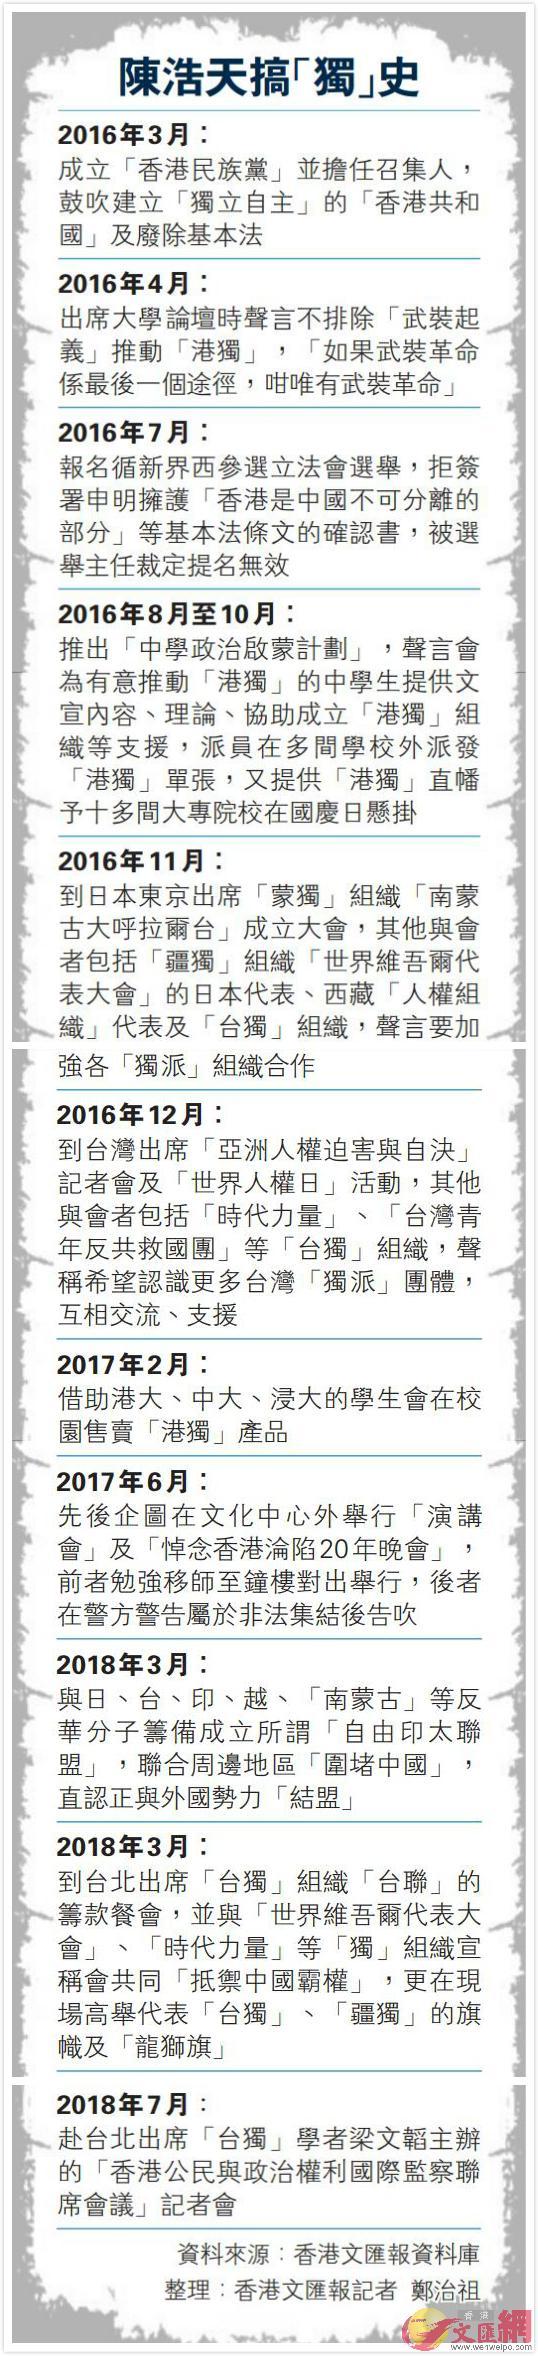 「民族黨」被禁 各界:危害國安零容忍